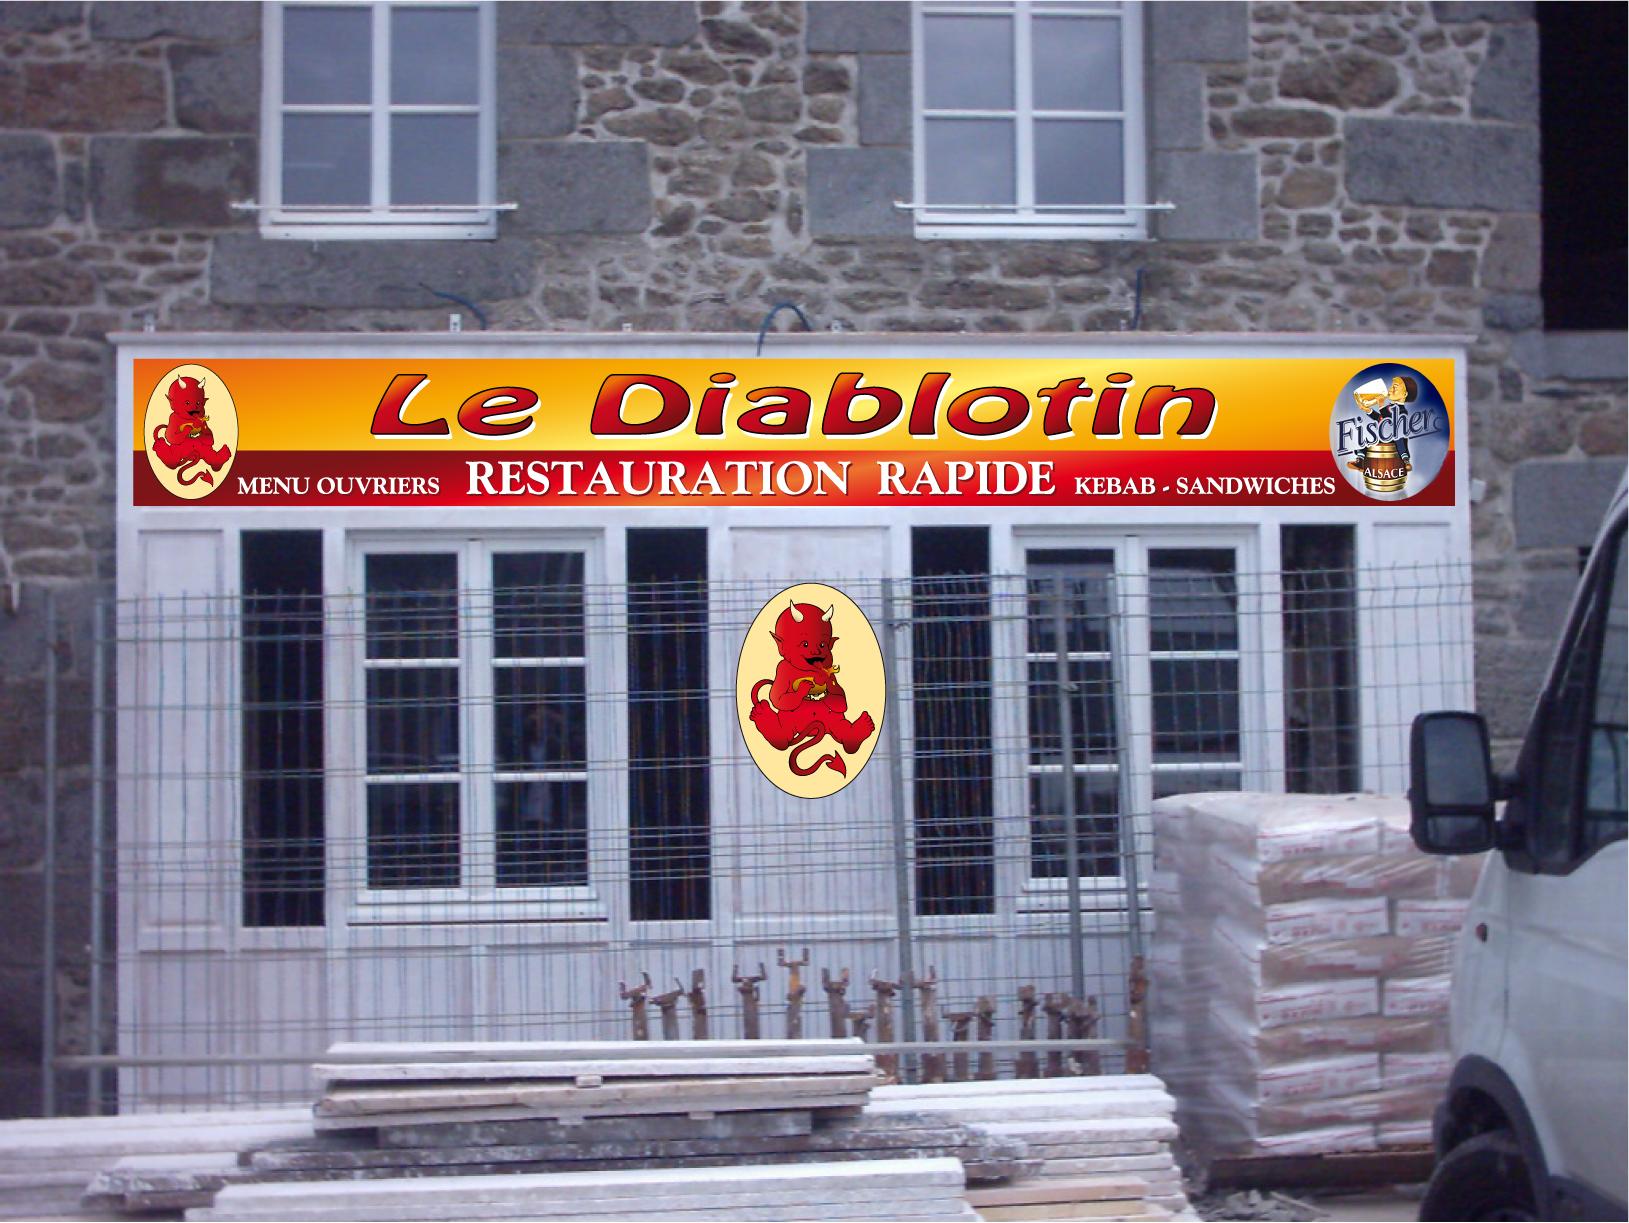 Le Diablotin